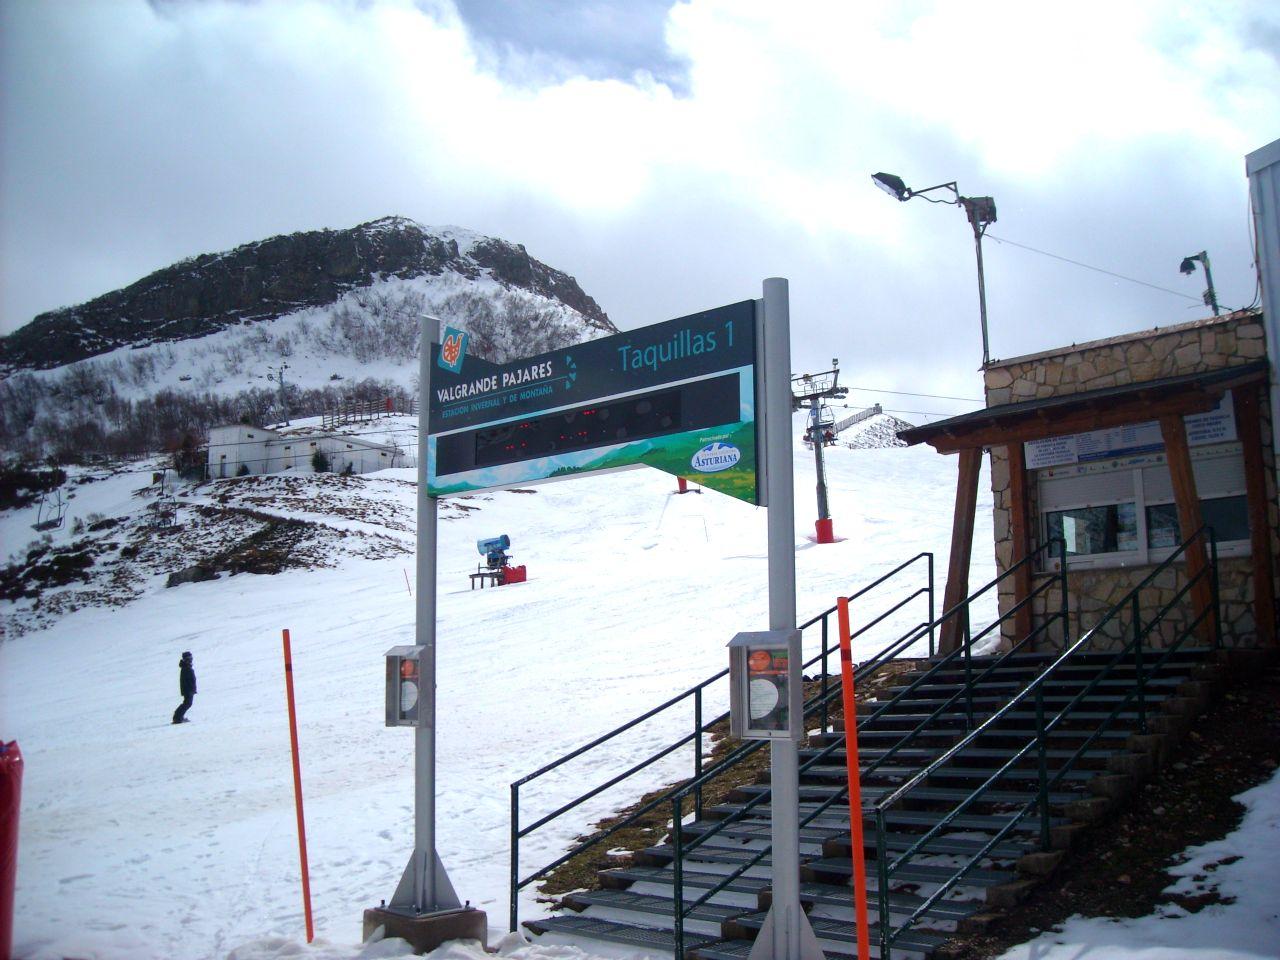 pajares nieve esquí montañas asturias invierno